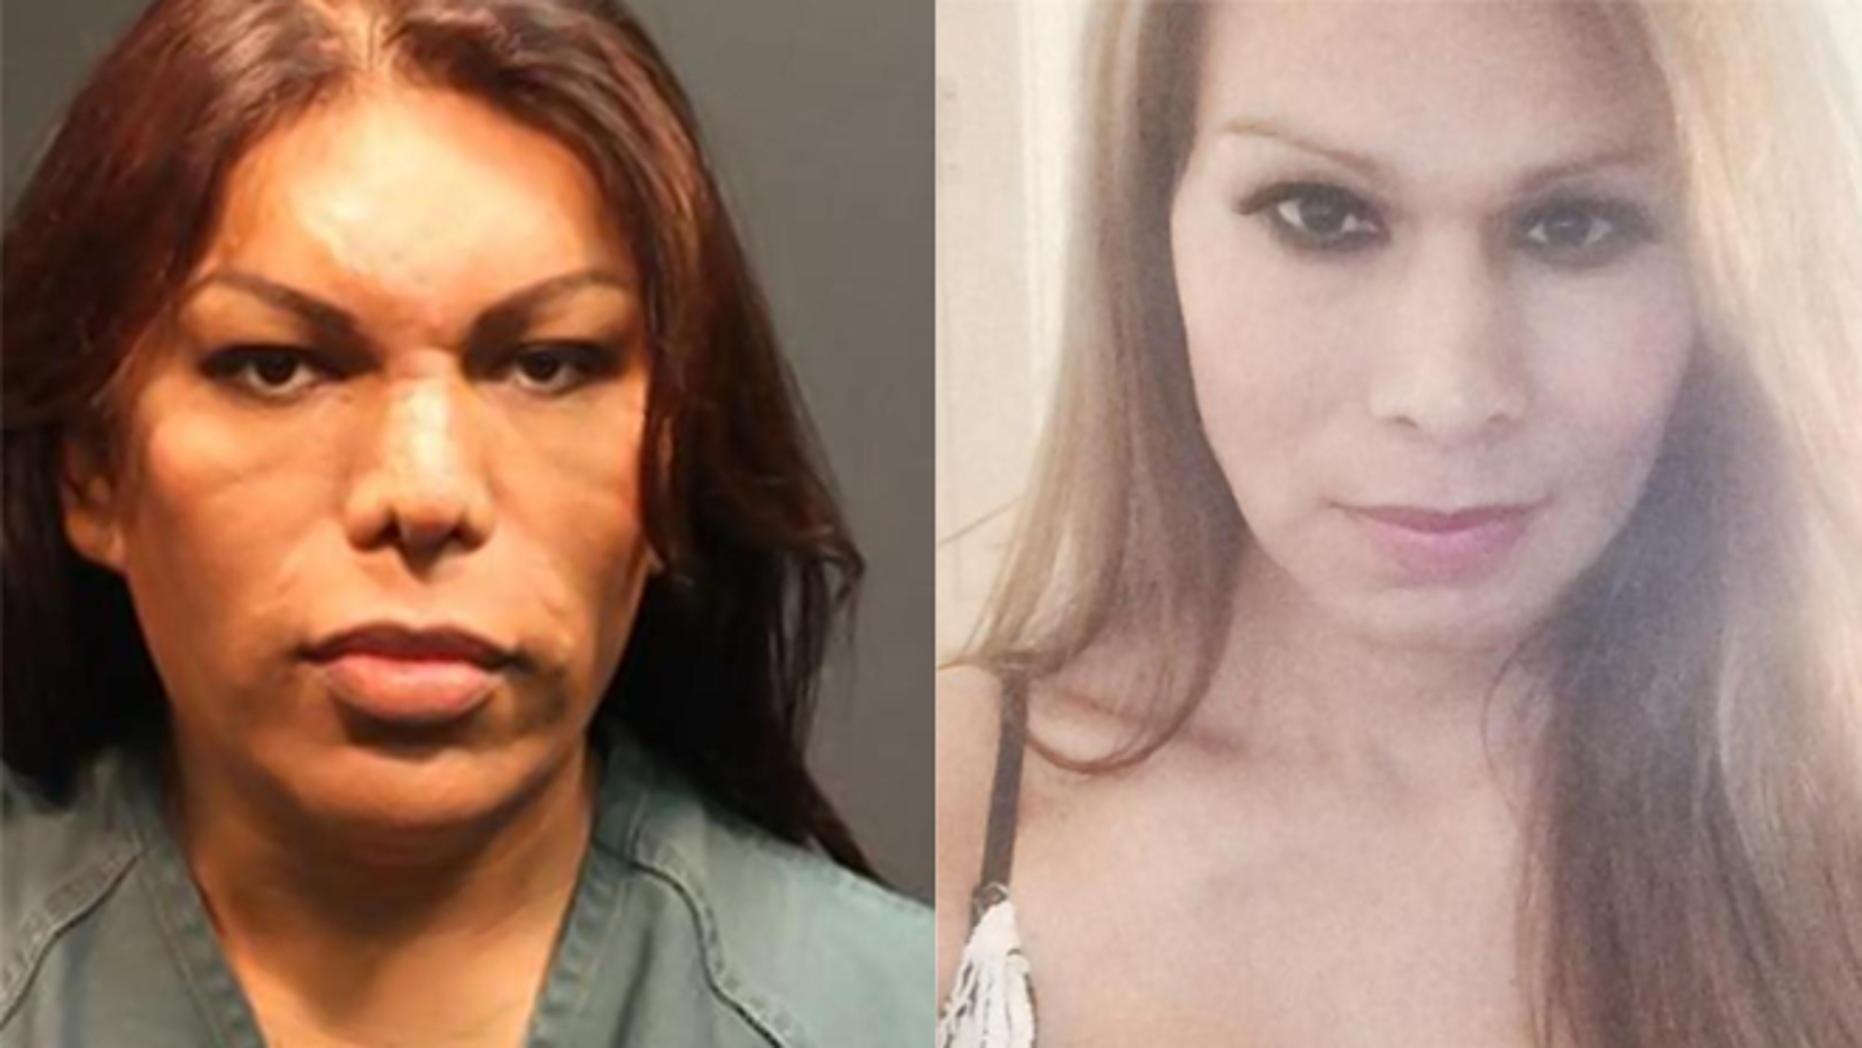 Liborio De La Luz Ramos (R) was arrested in connection with the death of transgender activist Felipe De La Riva (L).